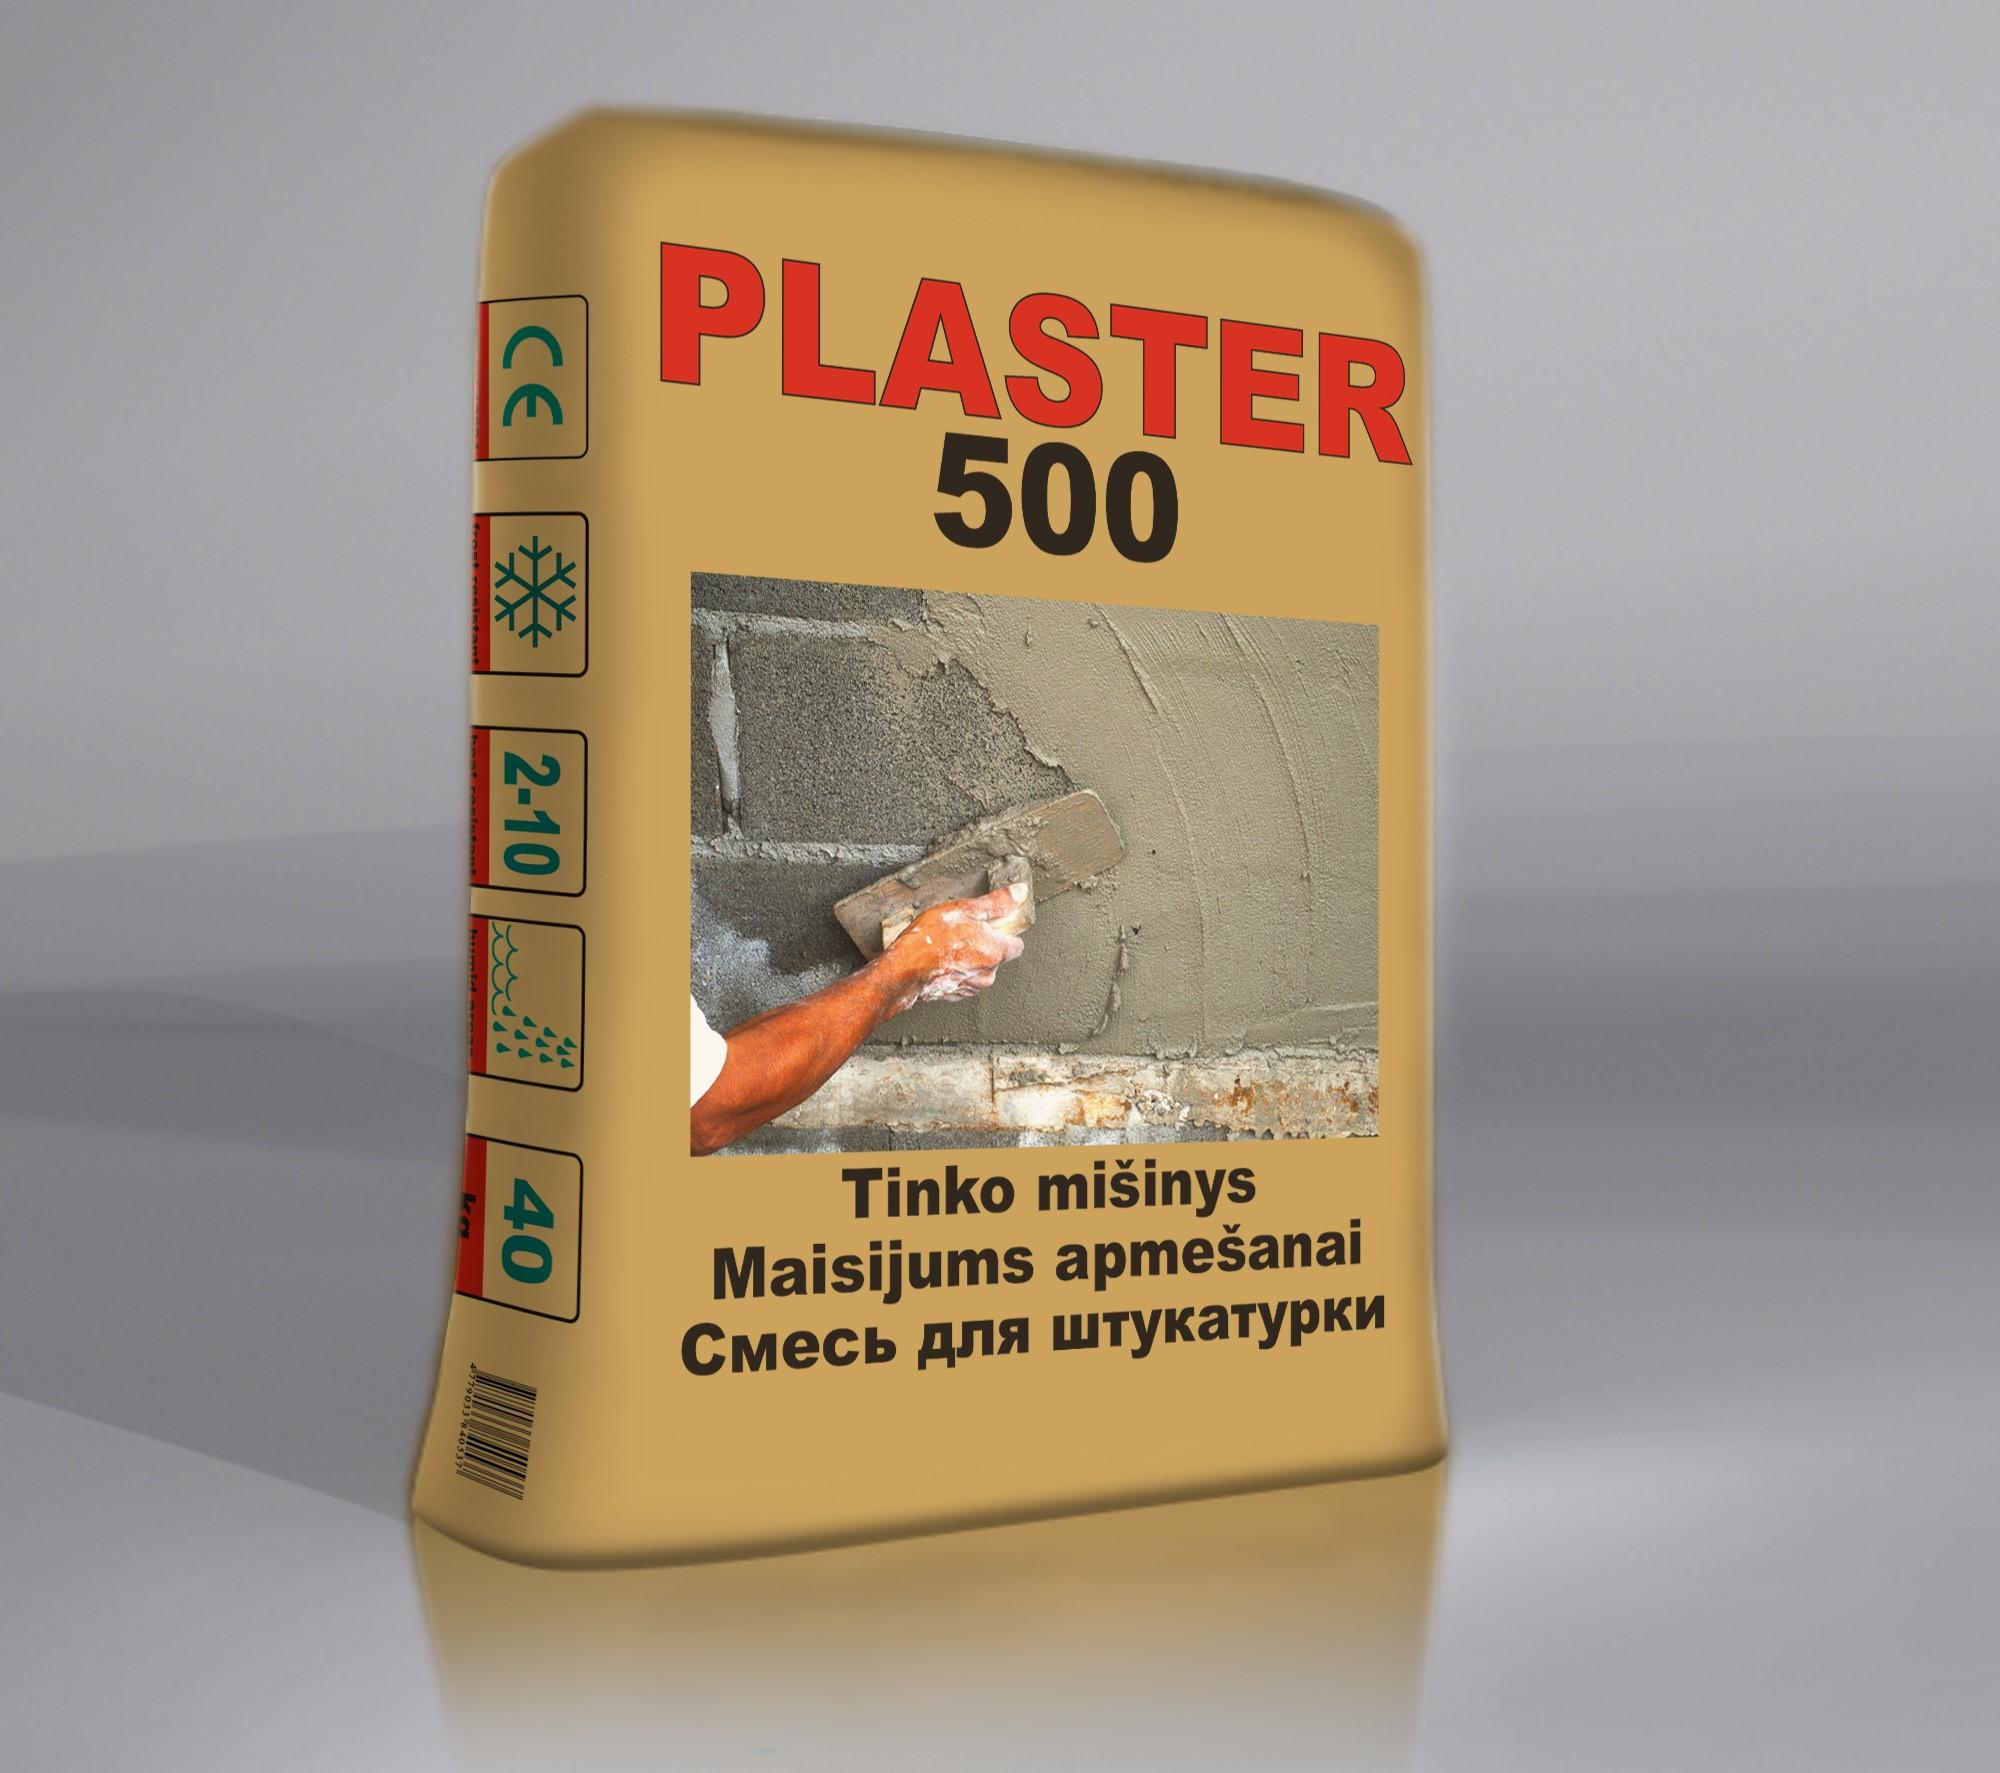 PLASTER500 Biezkārtainais apmetuma maisījums